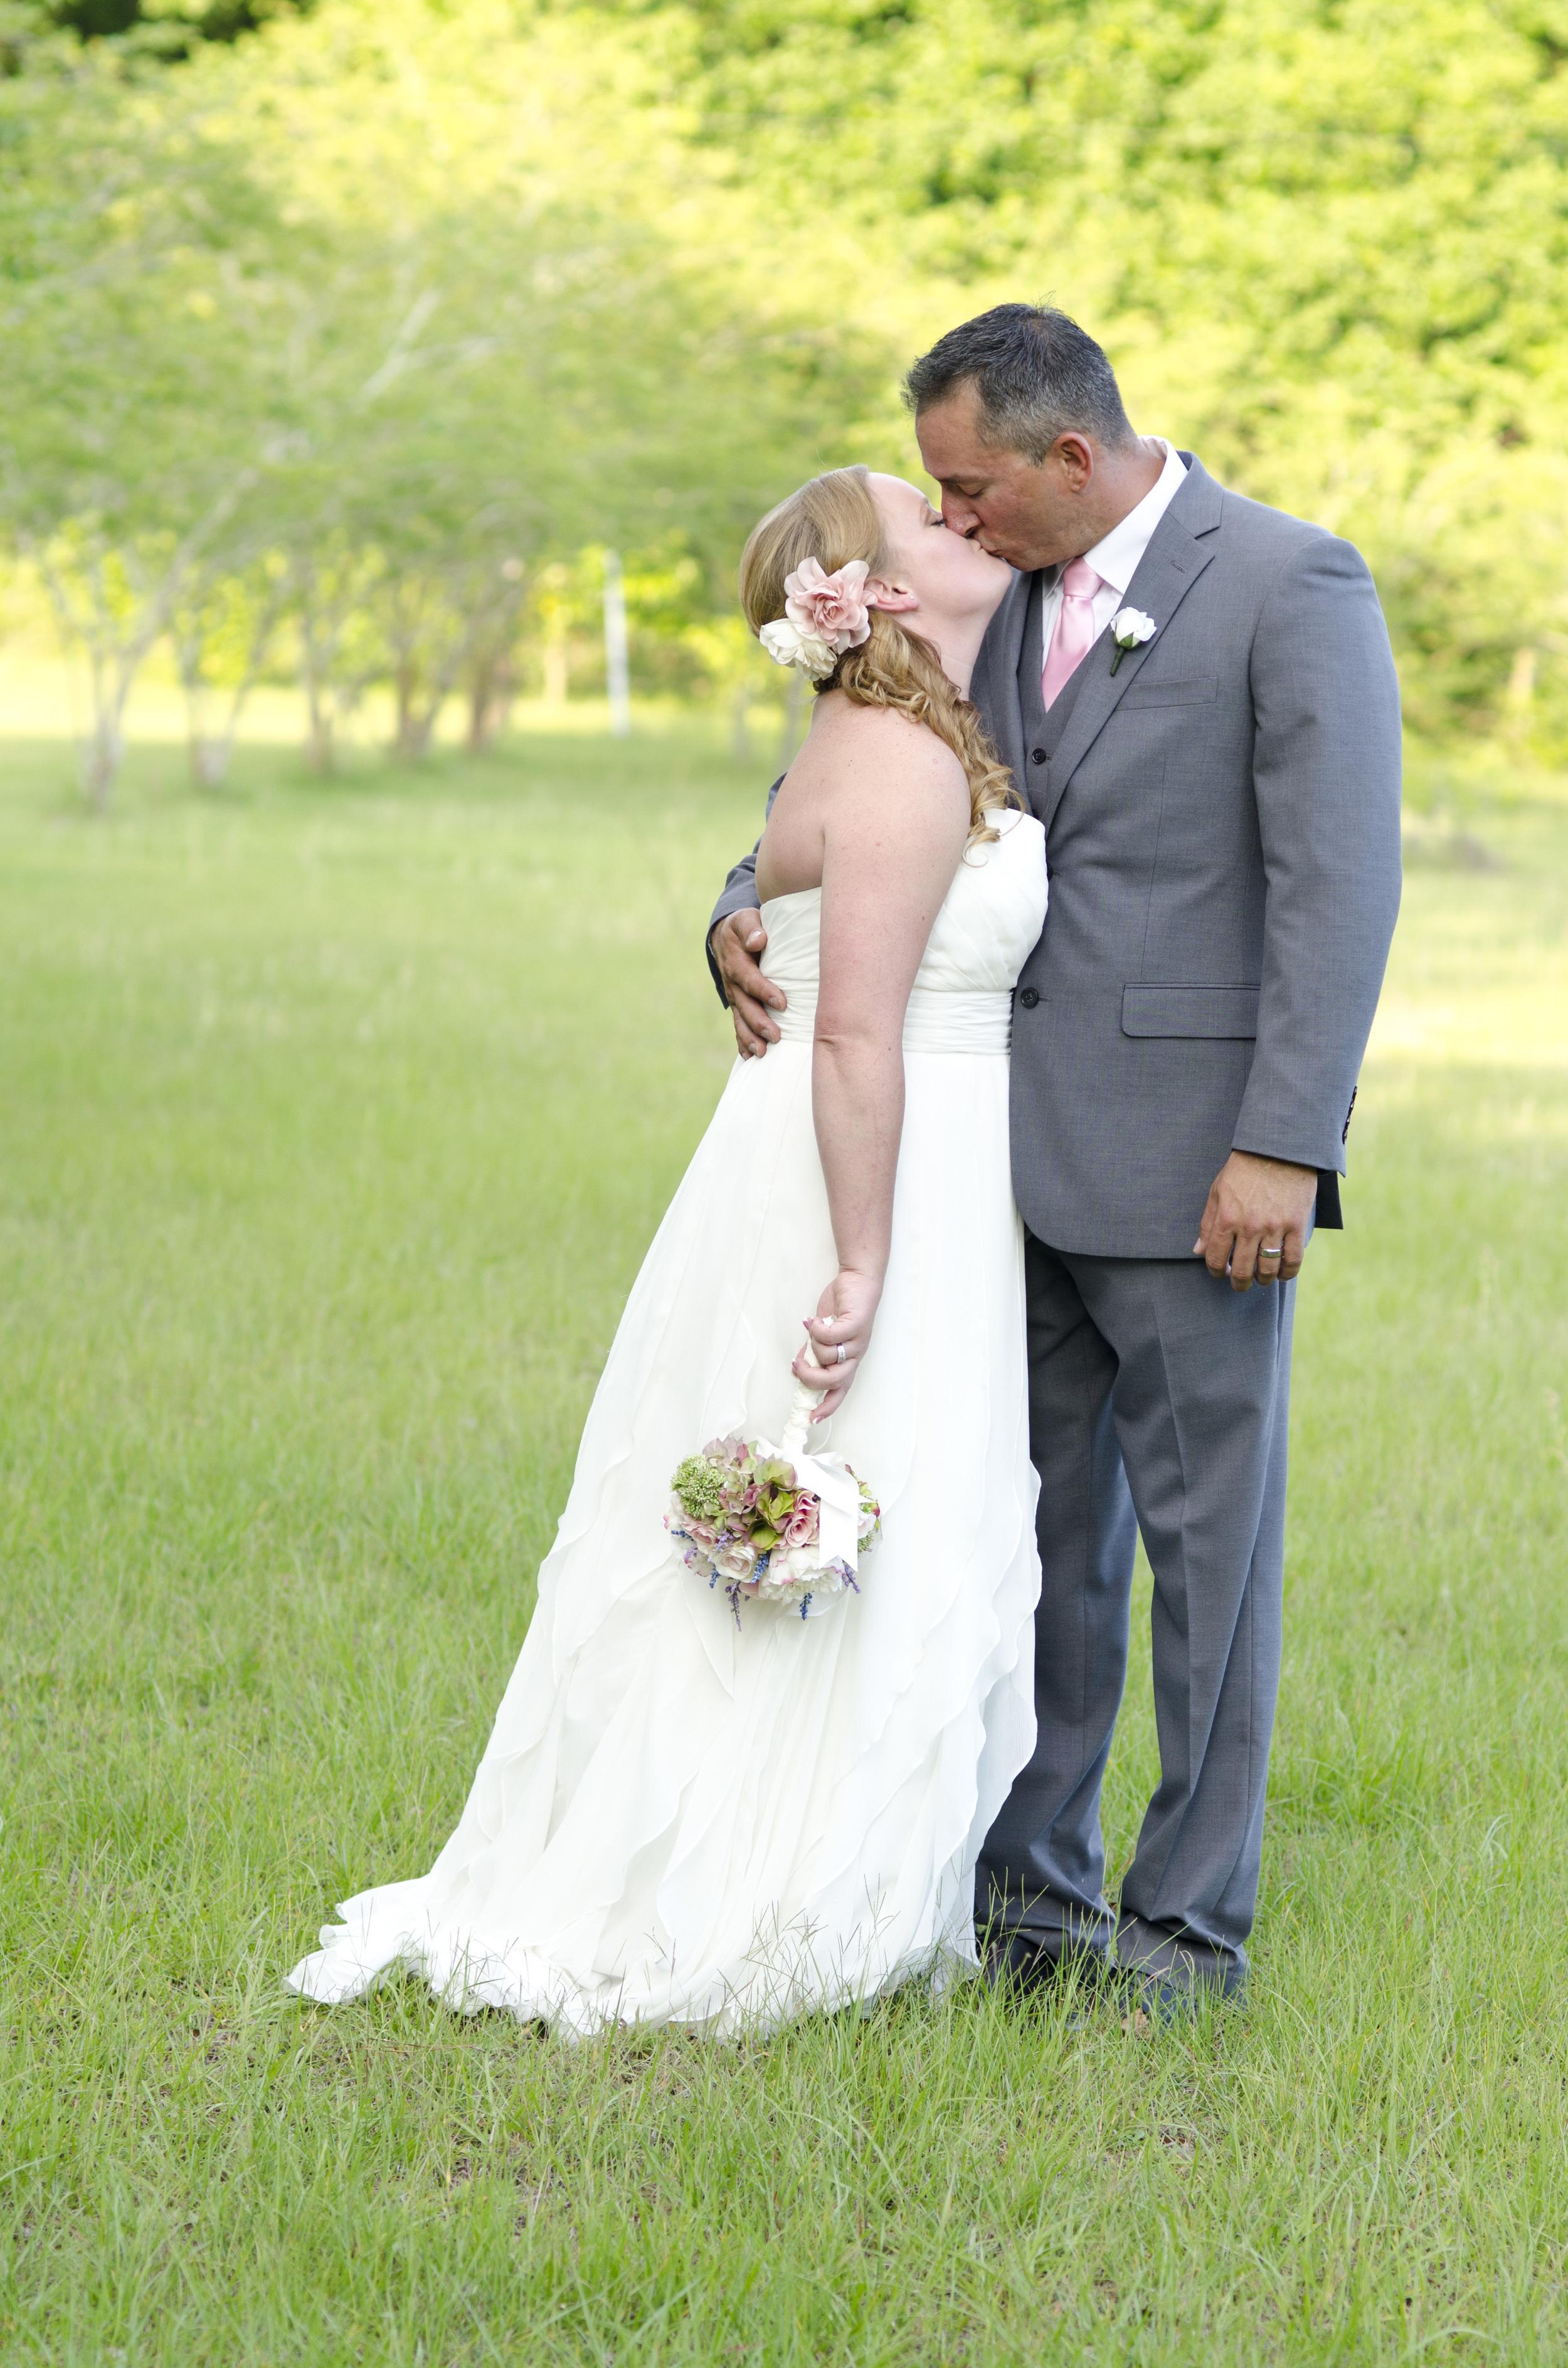 outdoor wedding photo poses - fairbanks ak photographer